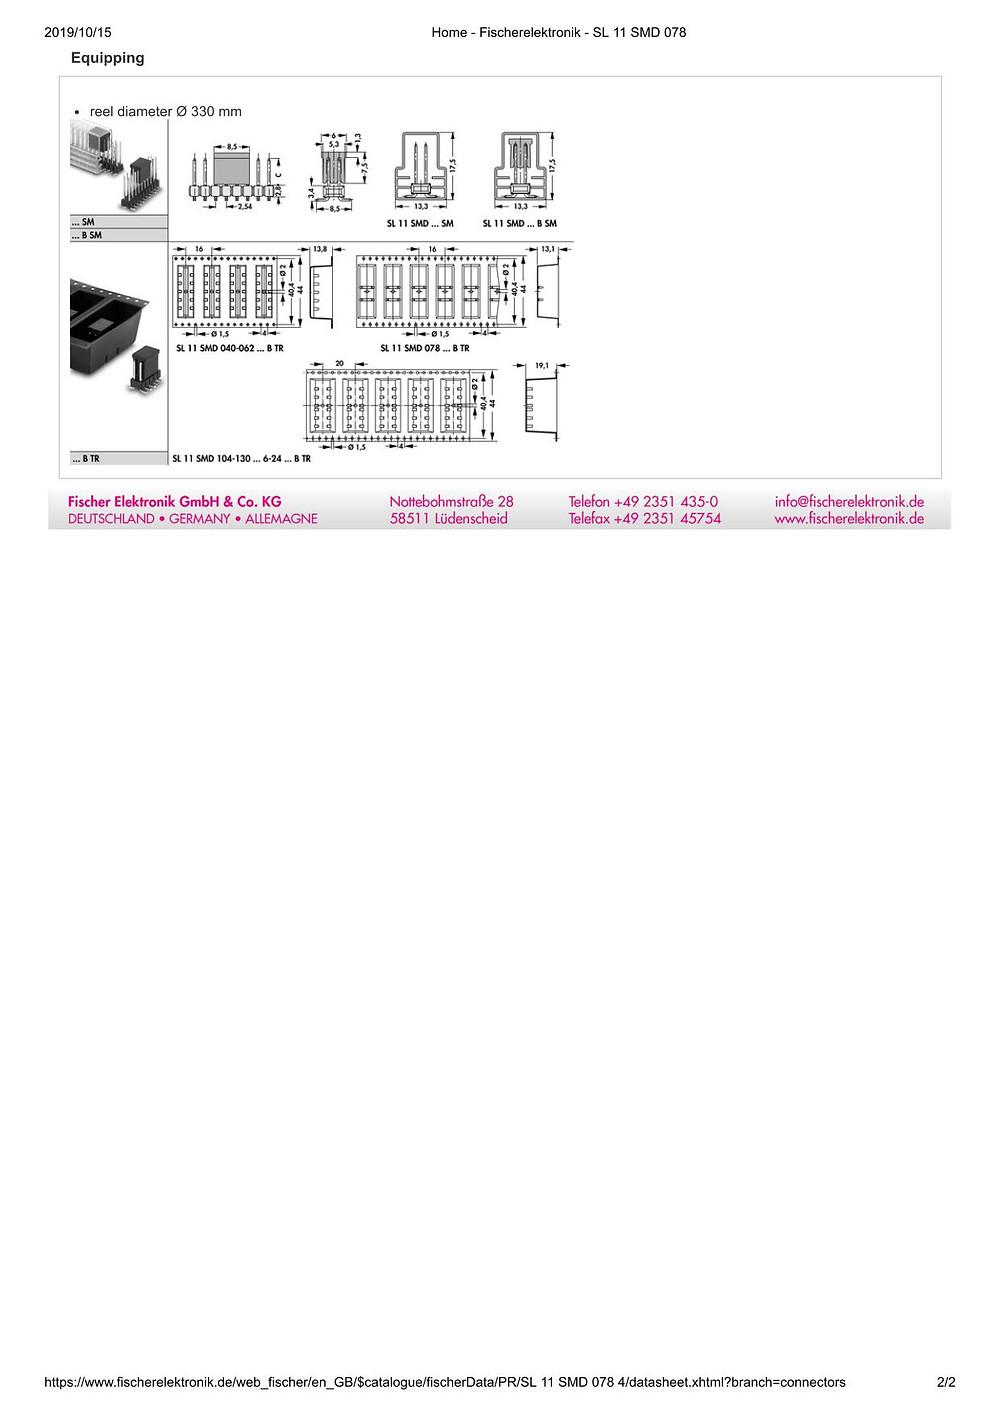 SL 11 SMD 078 フィッシャー テープ&リール対応 ピンヘッダ  2列 2.54㎜ピッチ □0.635mm (1リール=250個巻)6-24ピン